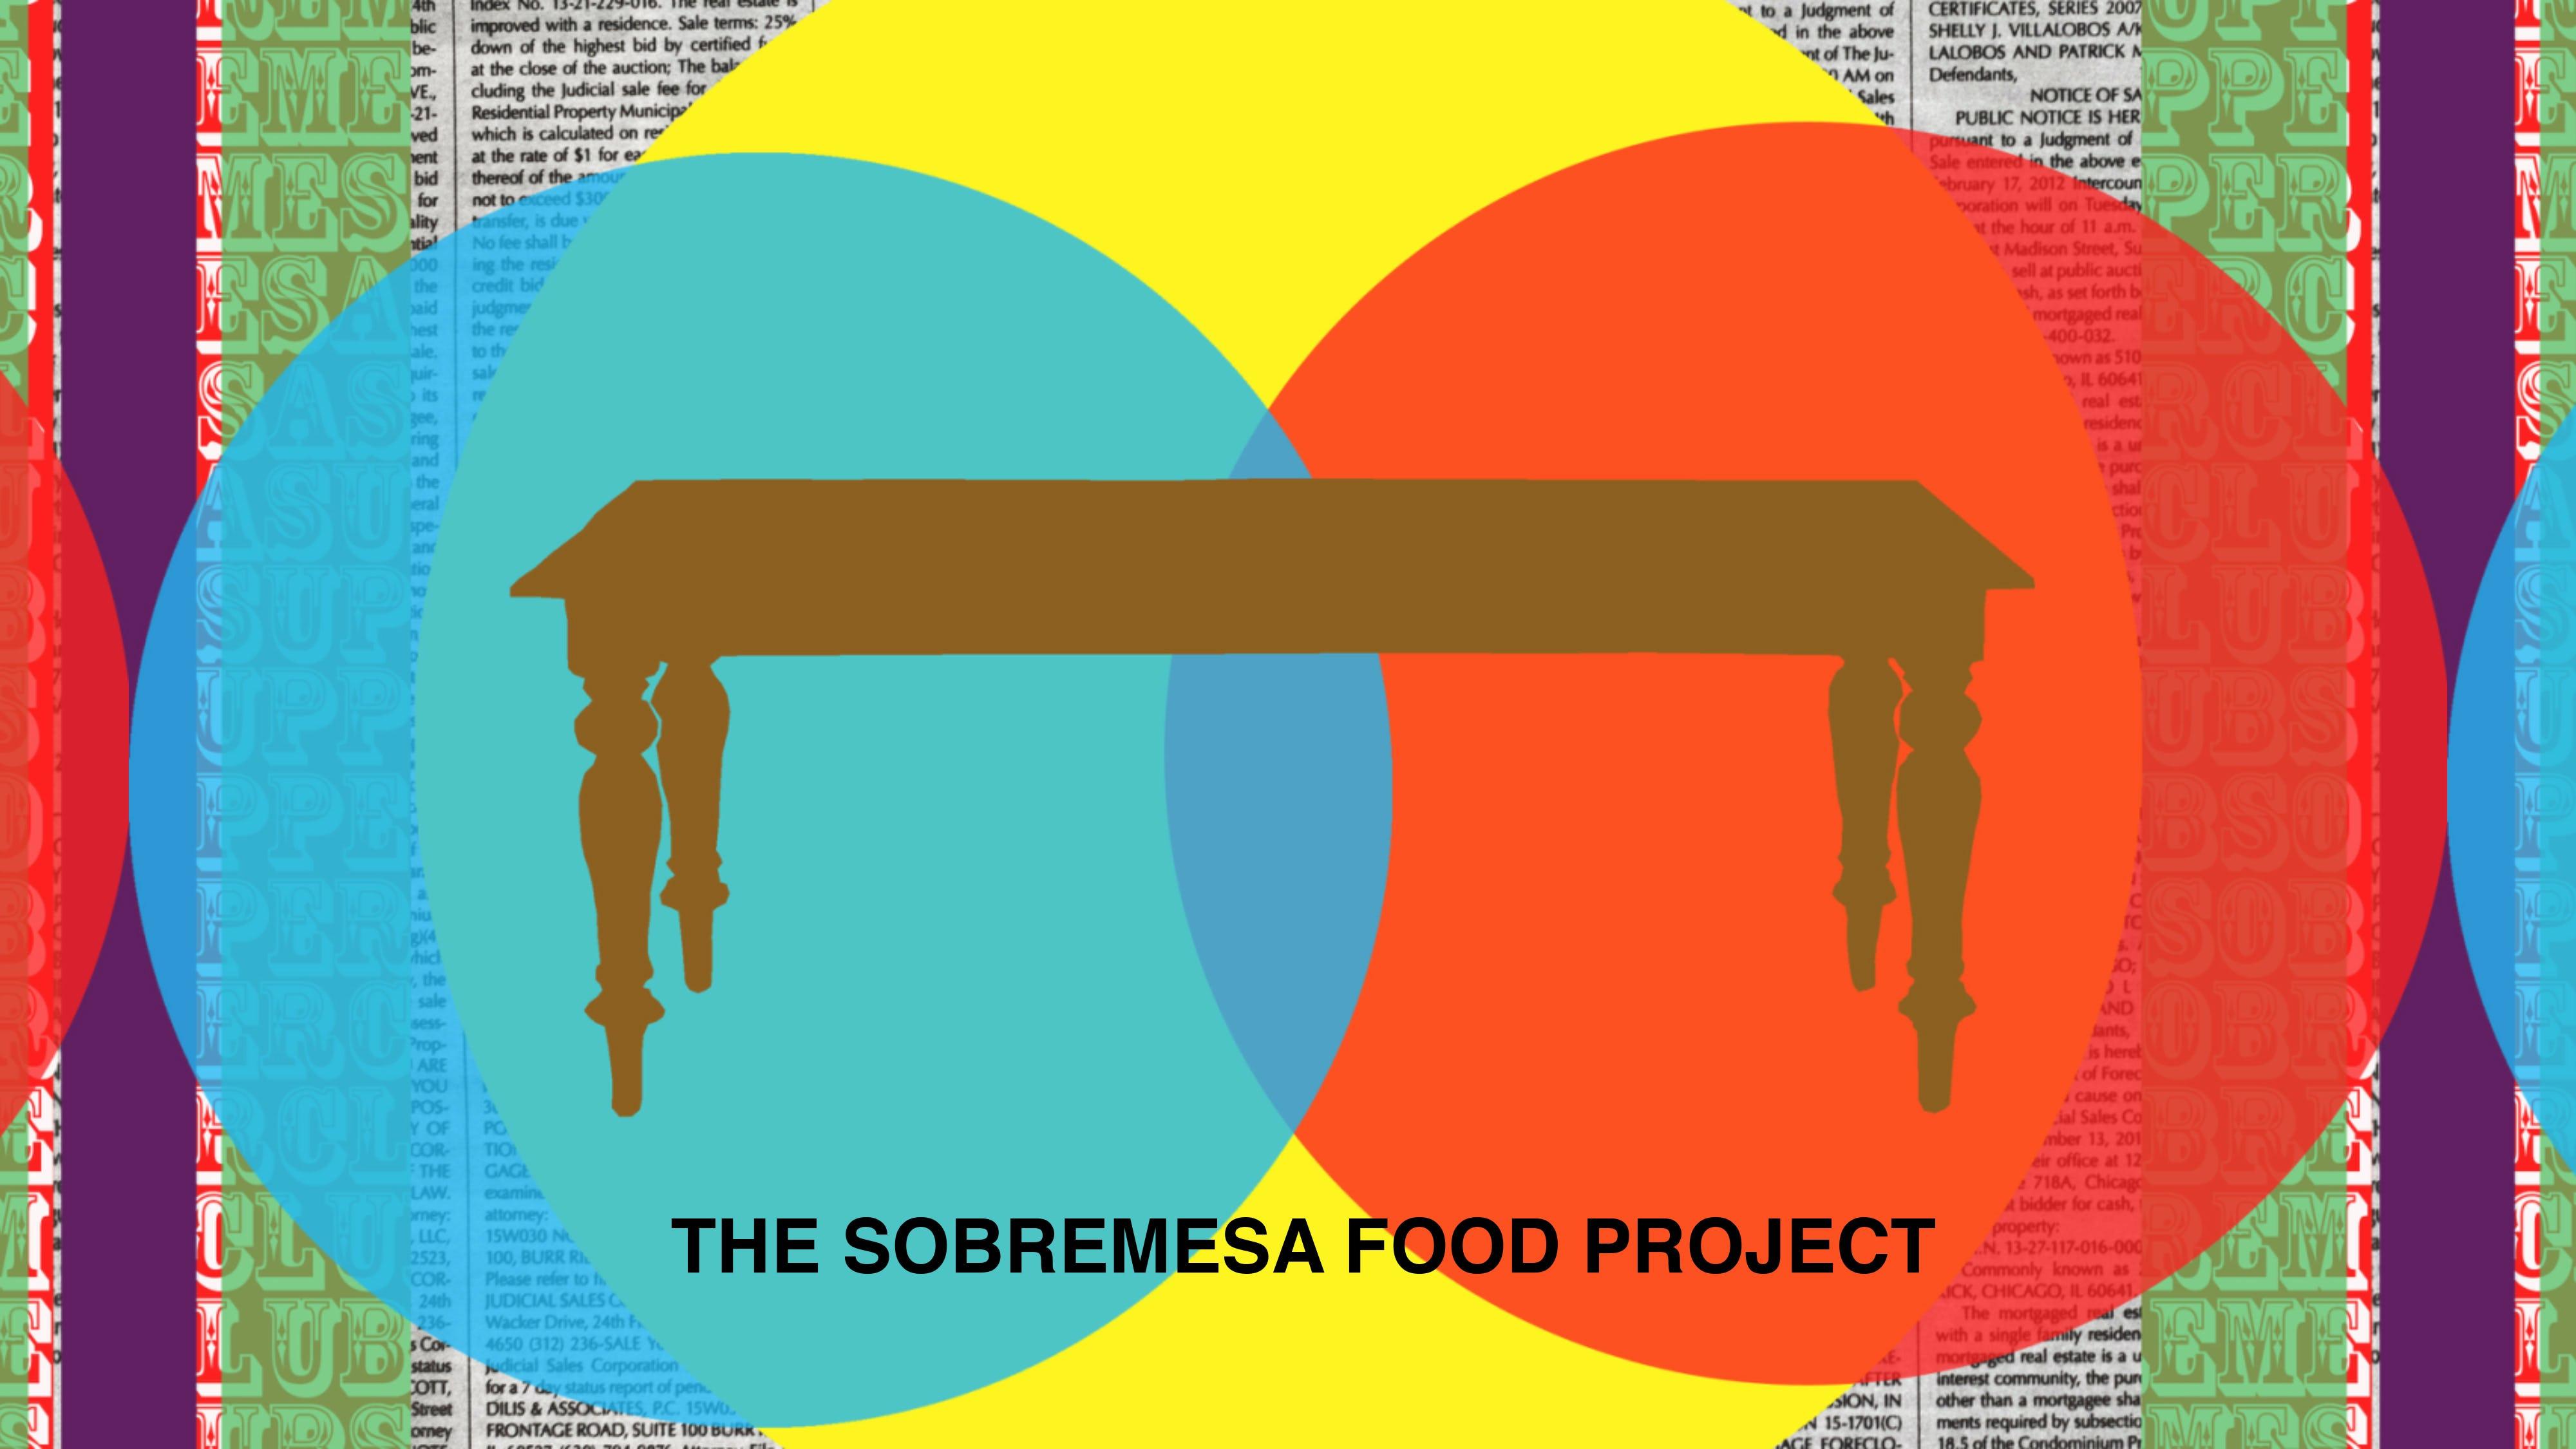 Sobremesafoodproject v4